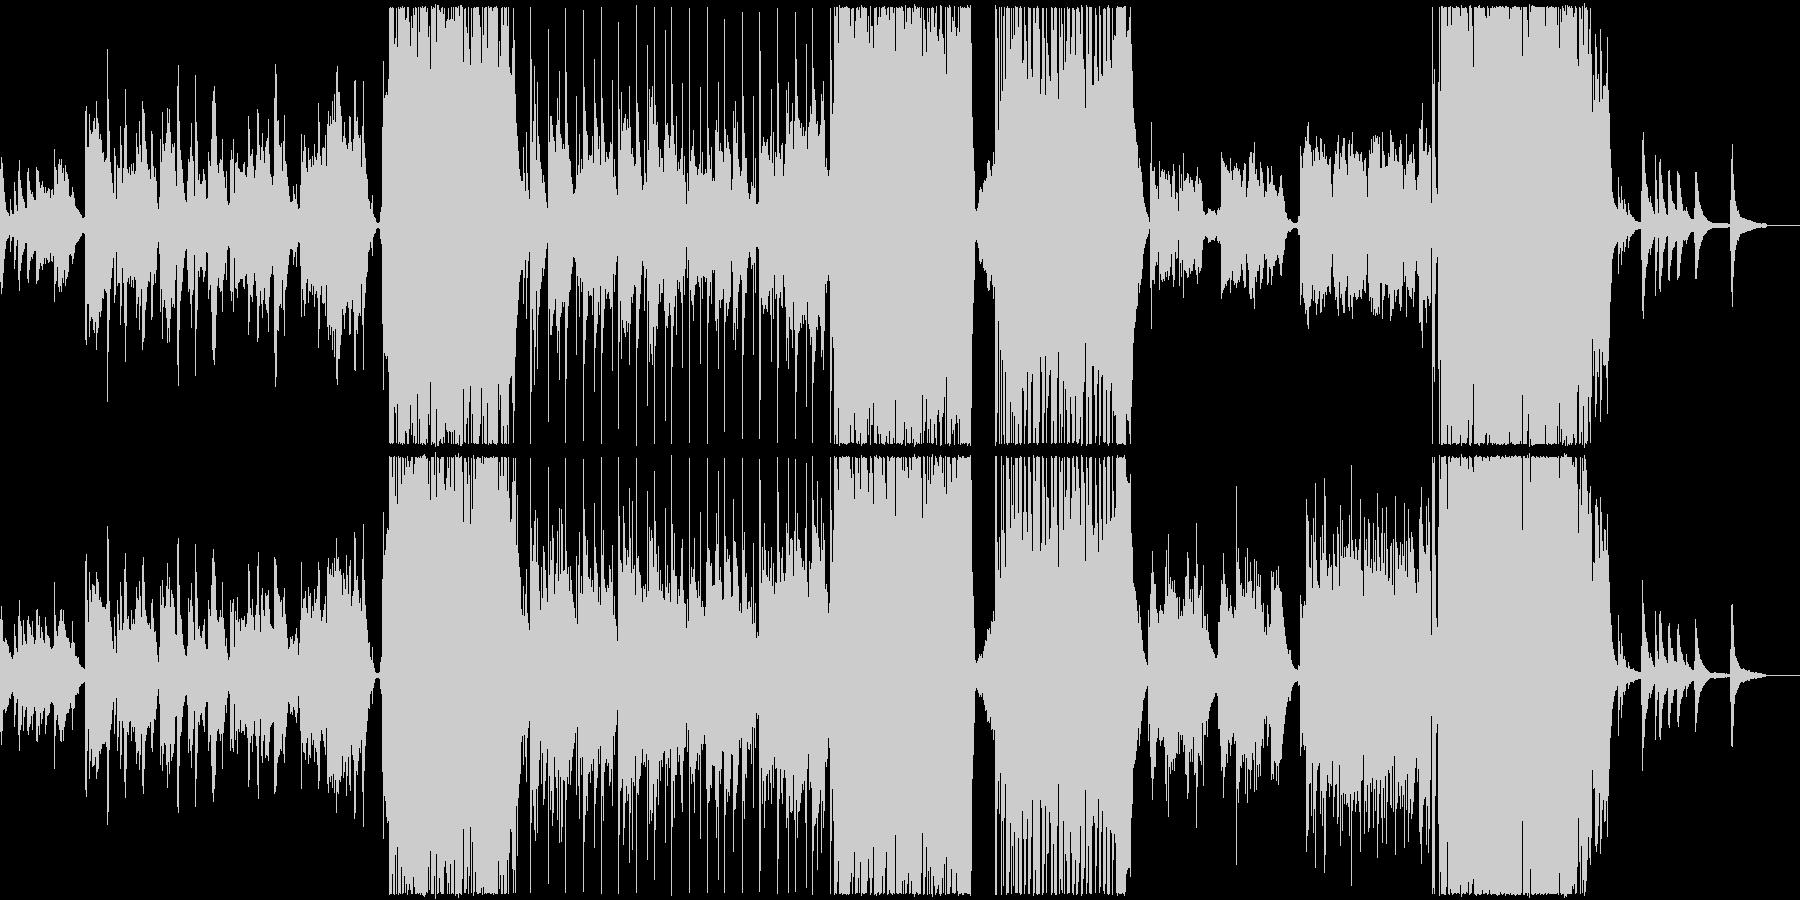 感動系せつない女性ボーカル入りバラードの未再生の波形